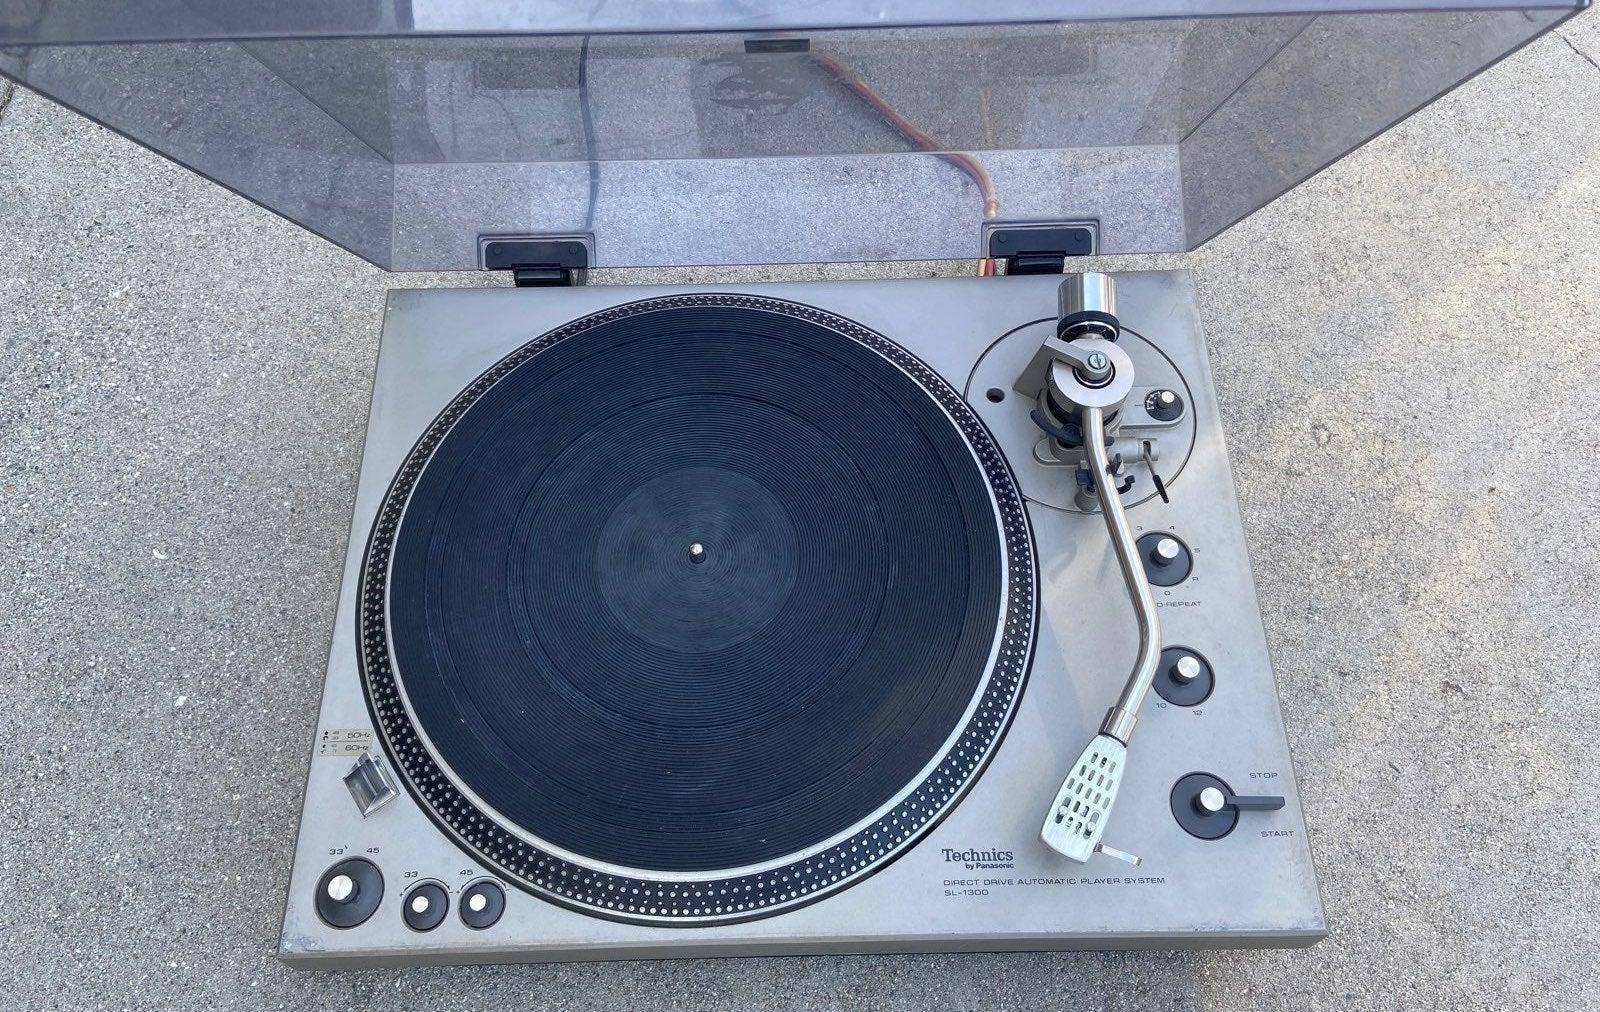 Turntable Technics SL-1300